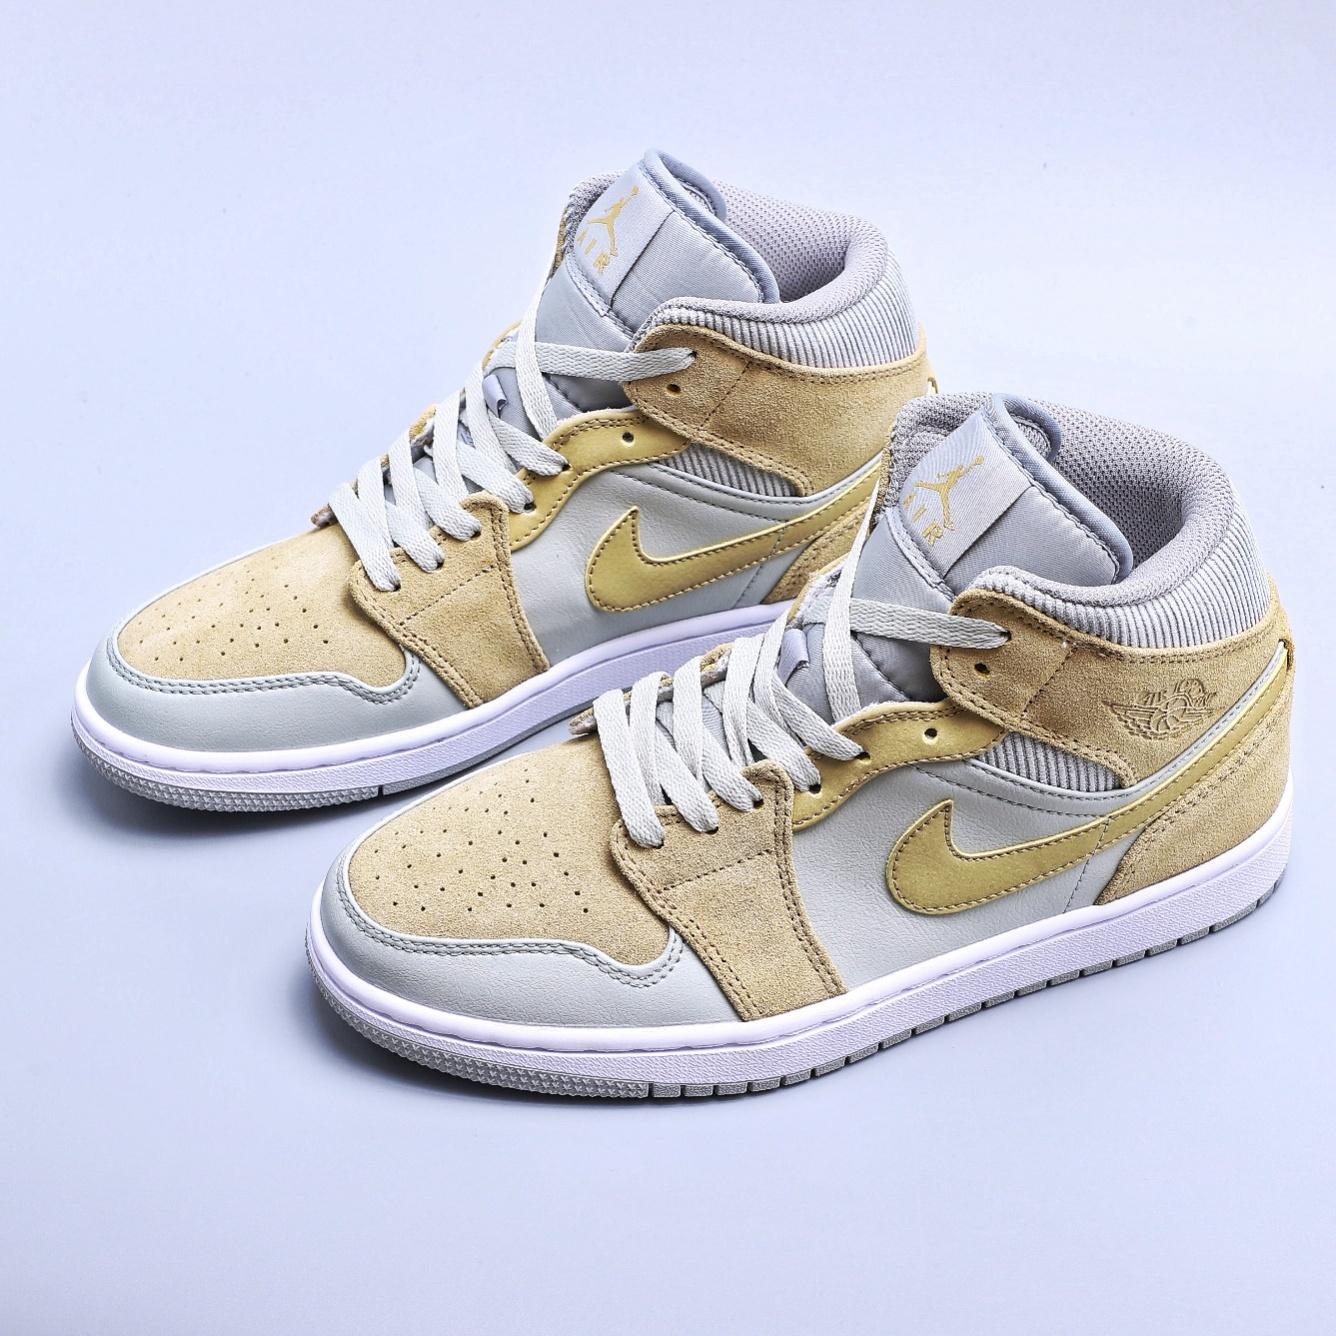 高仿Air Jordan 1 Mid AJ1 中帮篮球鞋